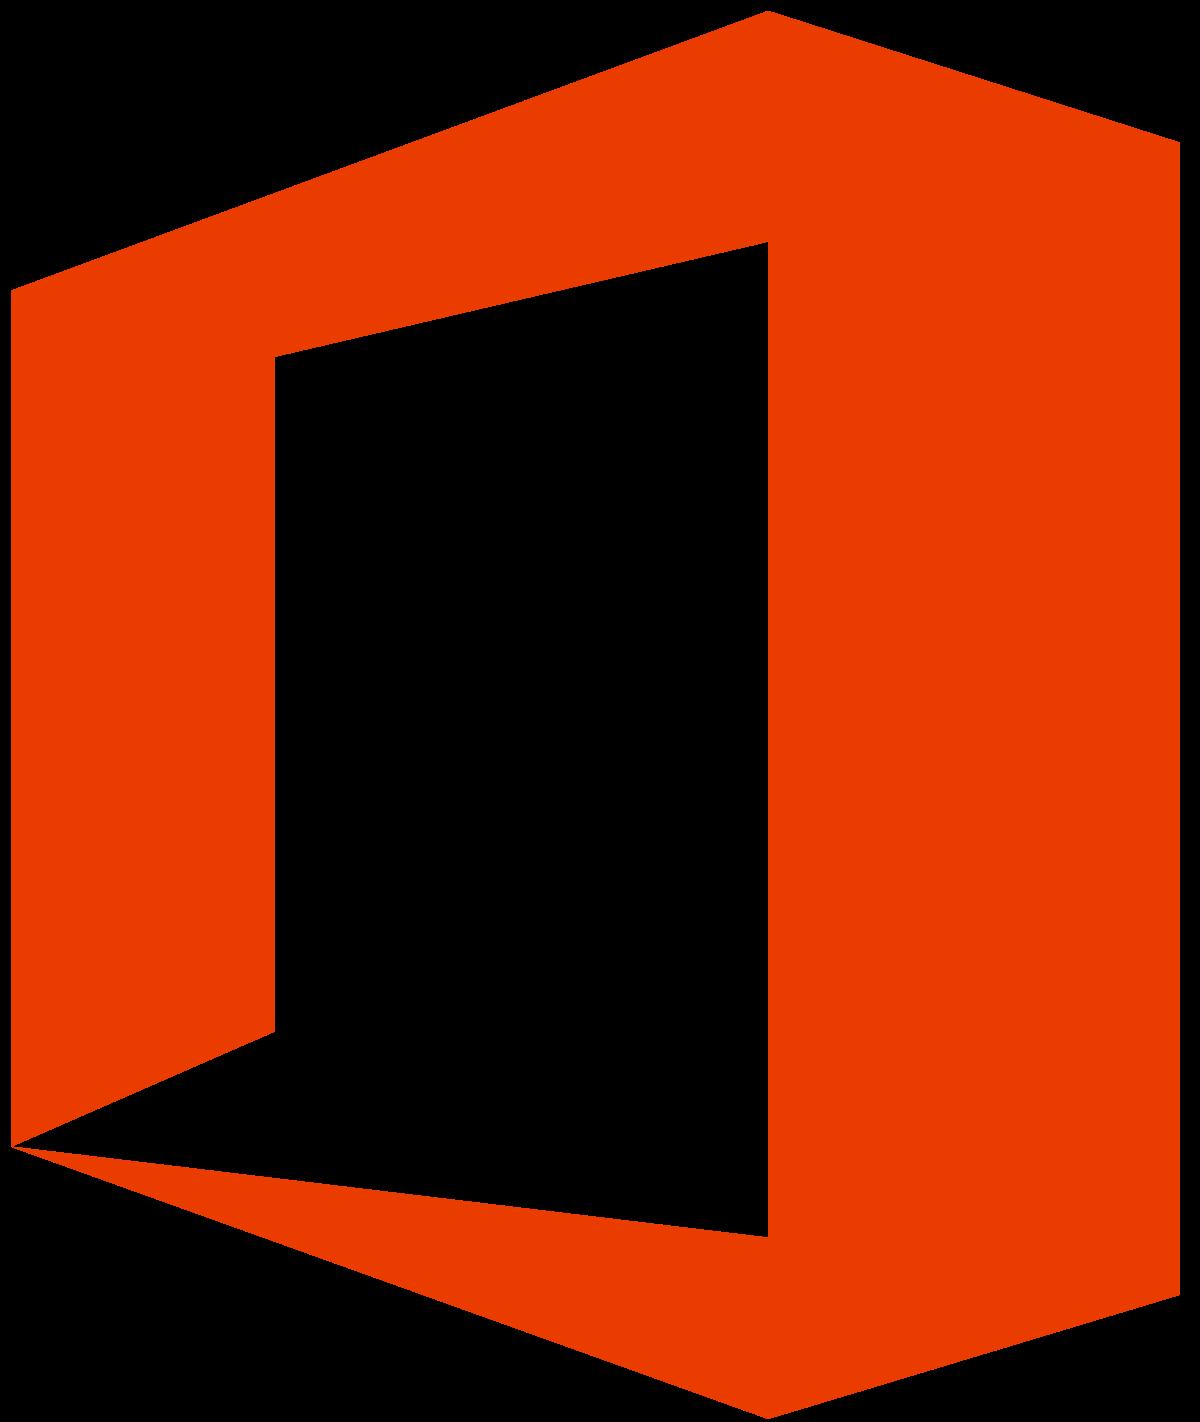 دانلود نرم افزار آفیس 2019 (برای ویندوز)